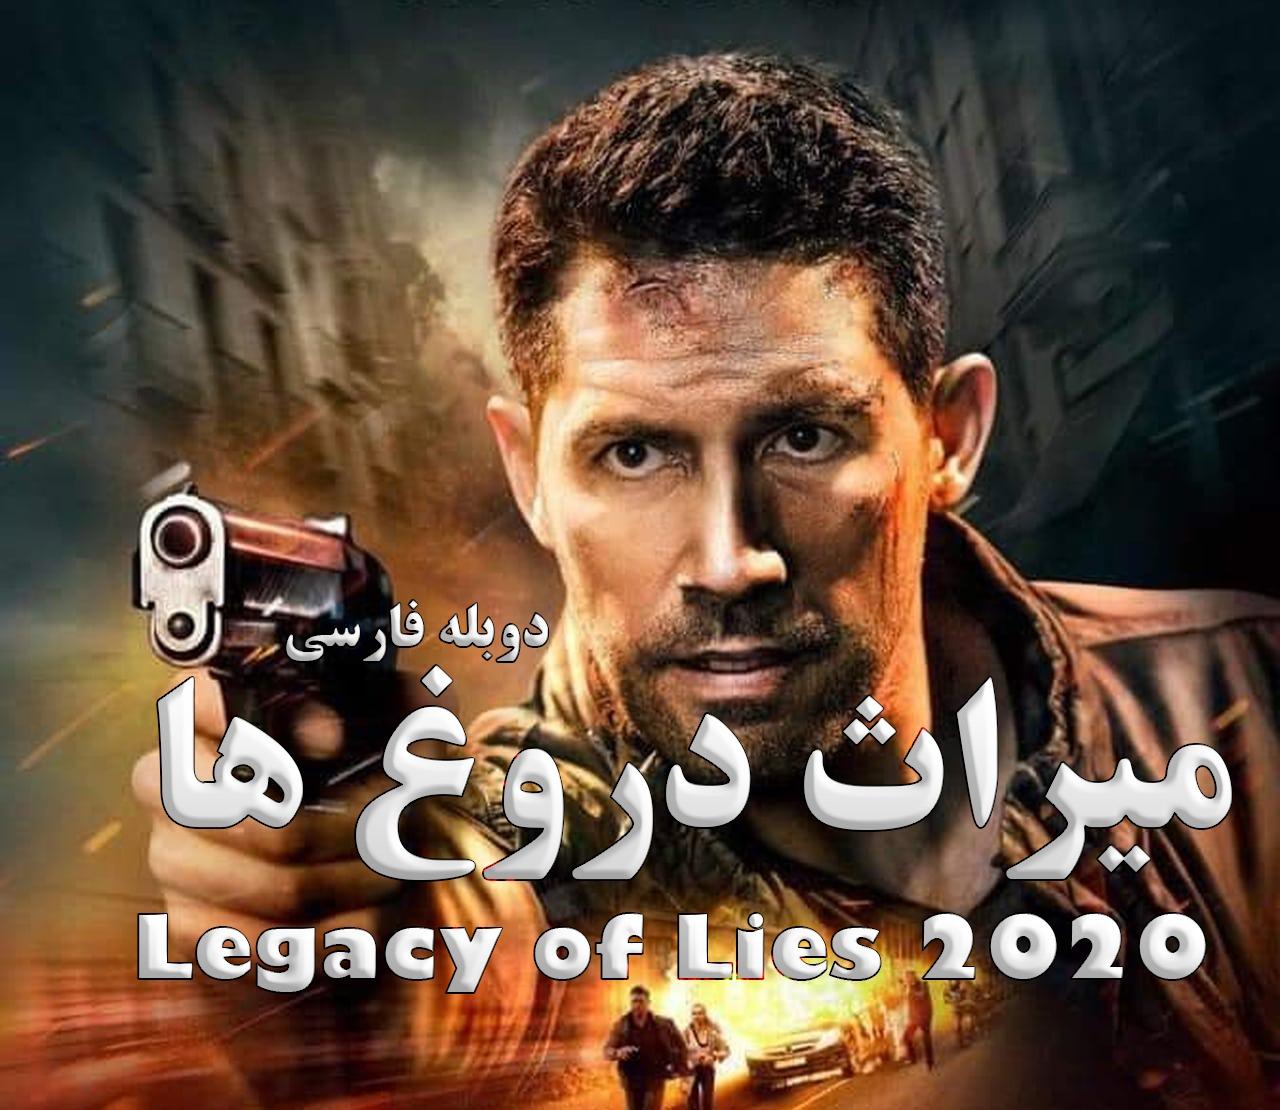 فیلم میراث دروغ Legacy of Lies2020  دوبله فارسی